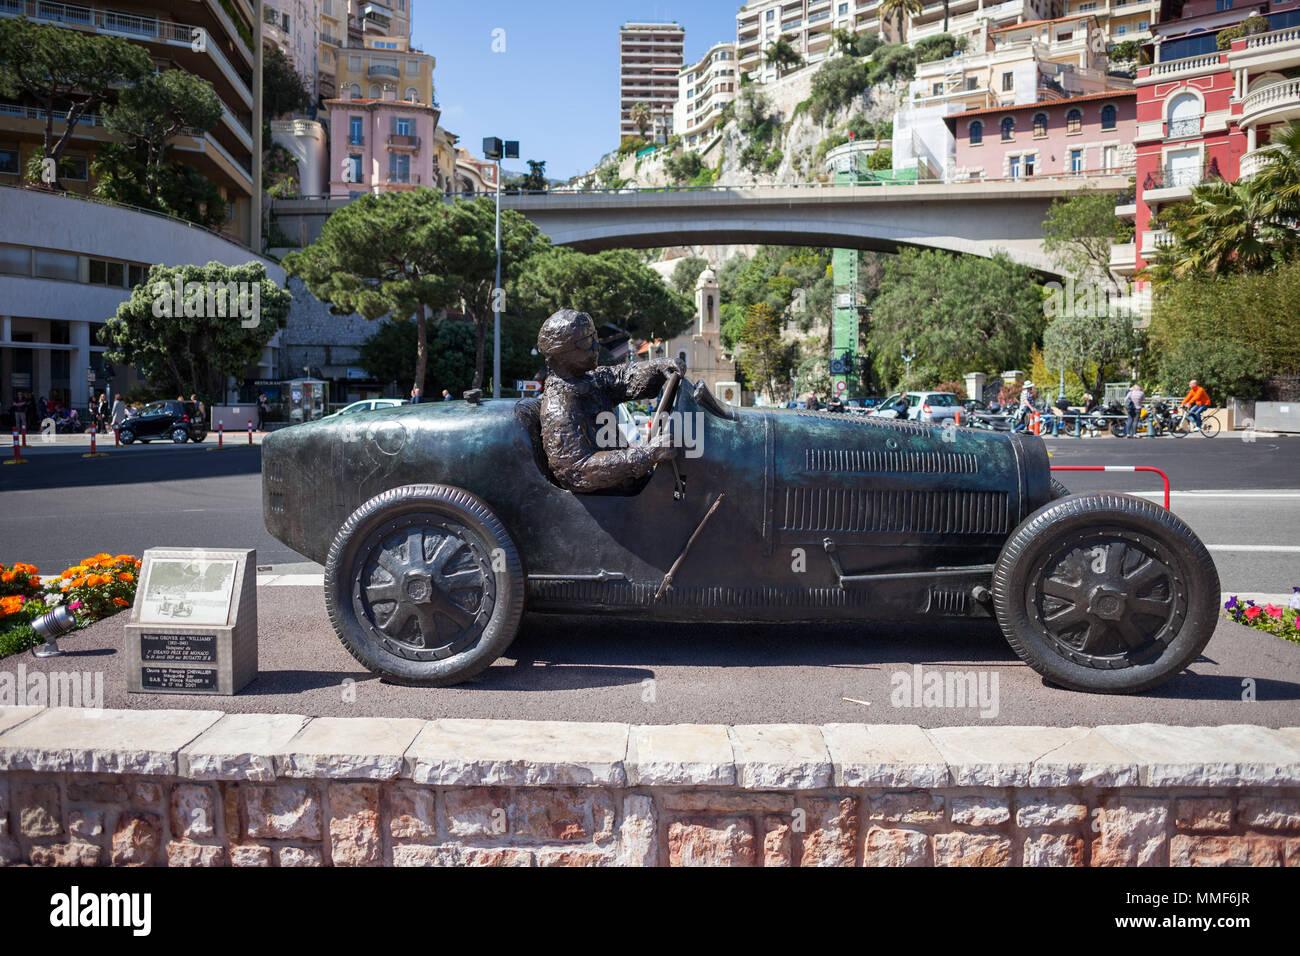 Monaco, bronze monument of William Grover (WILLIAMS) in his Bugatti 35B, winner of the first Monte Carlo Grand Prix 1929 Stock Photo